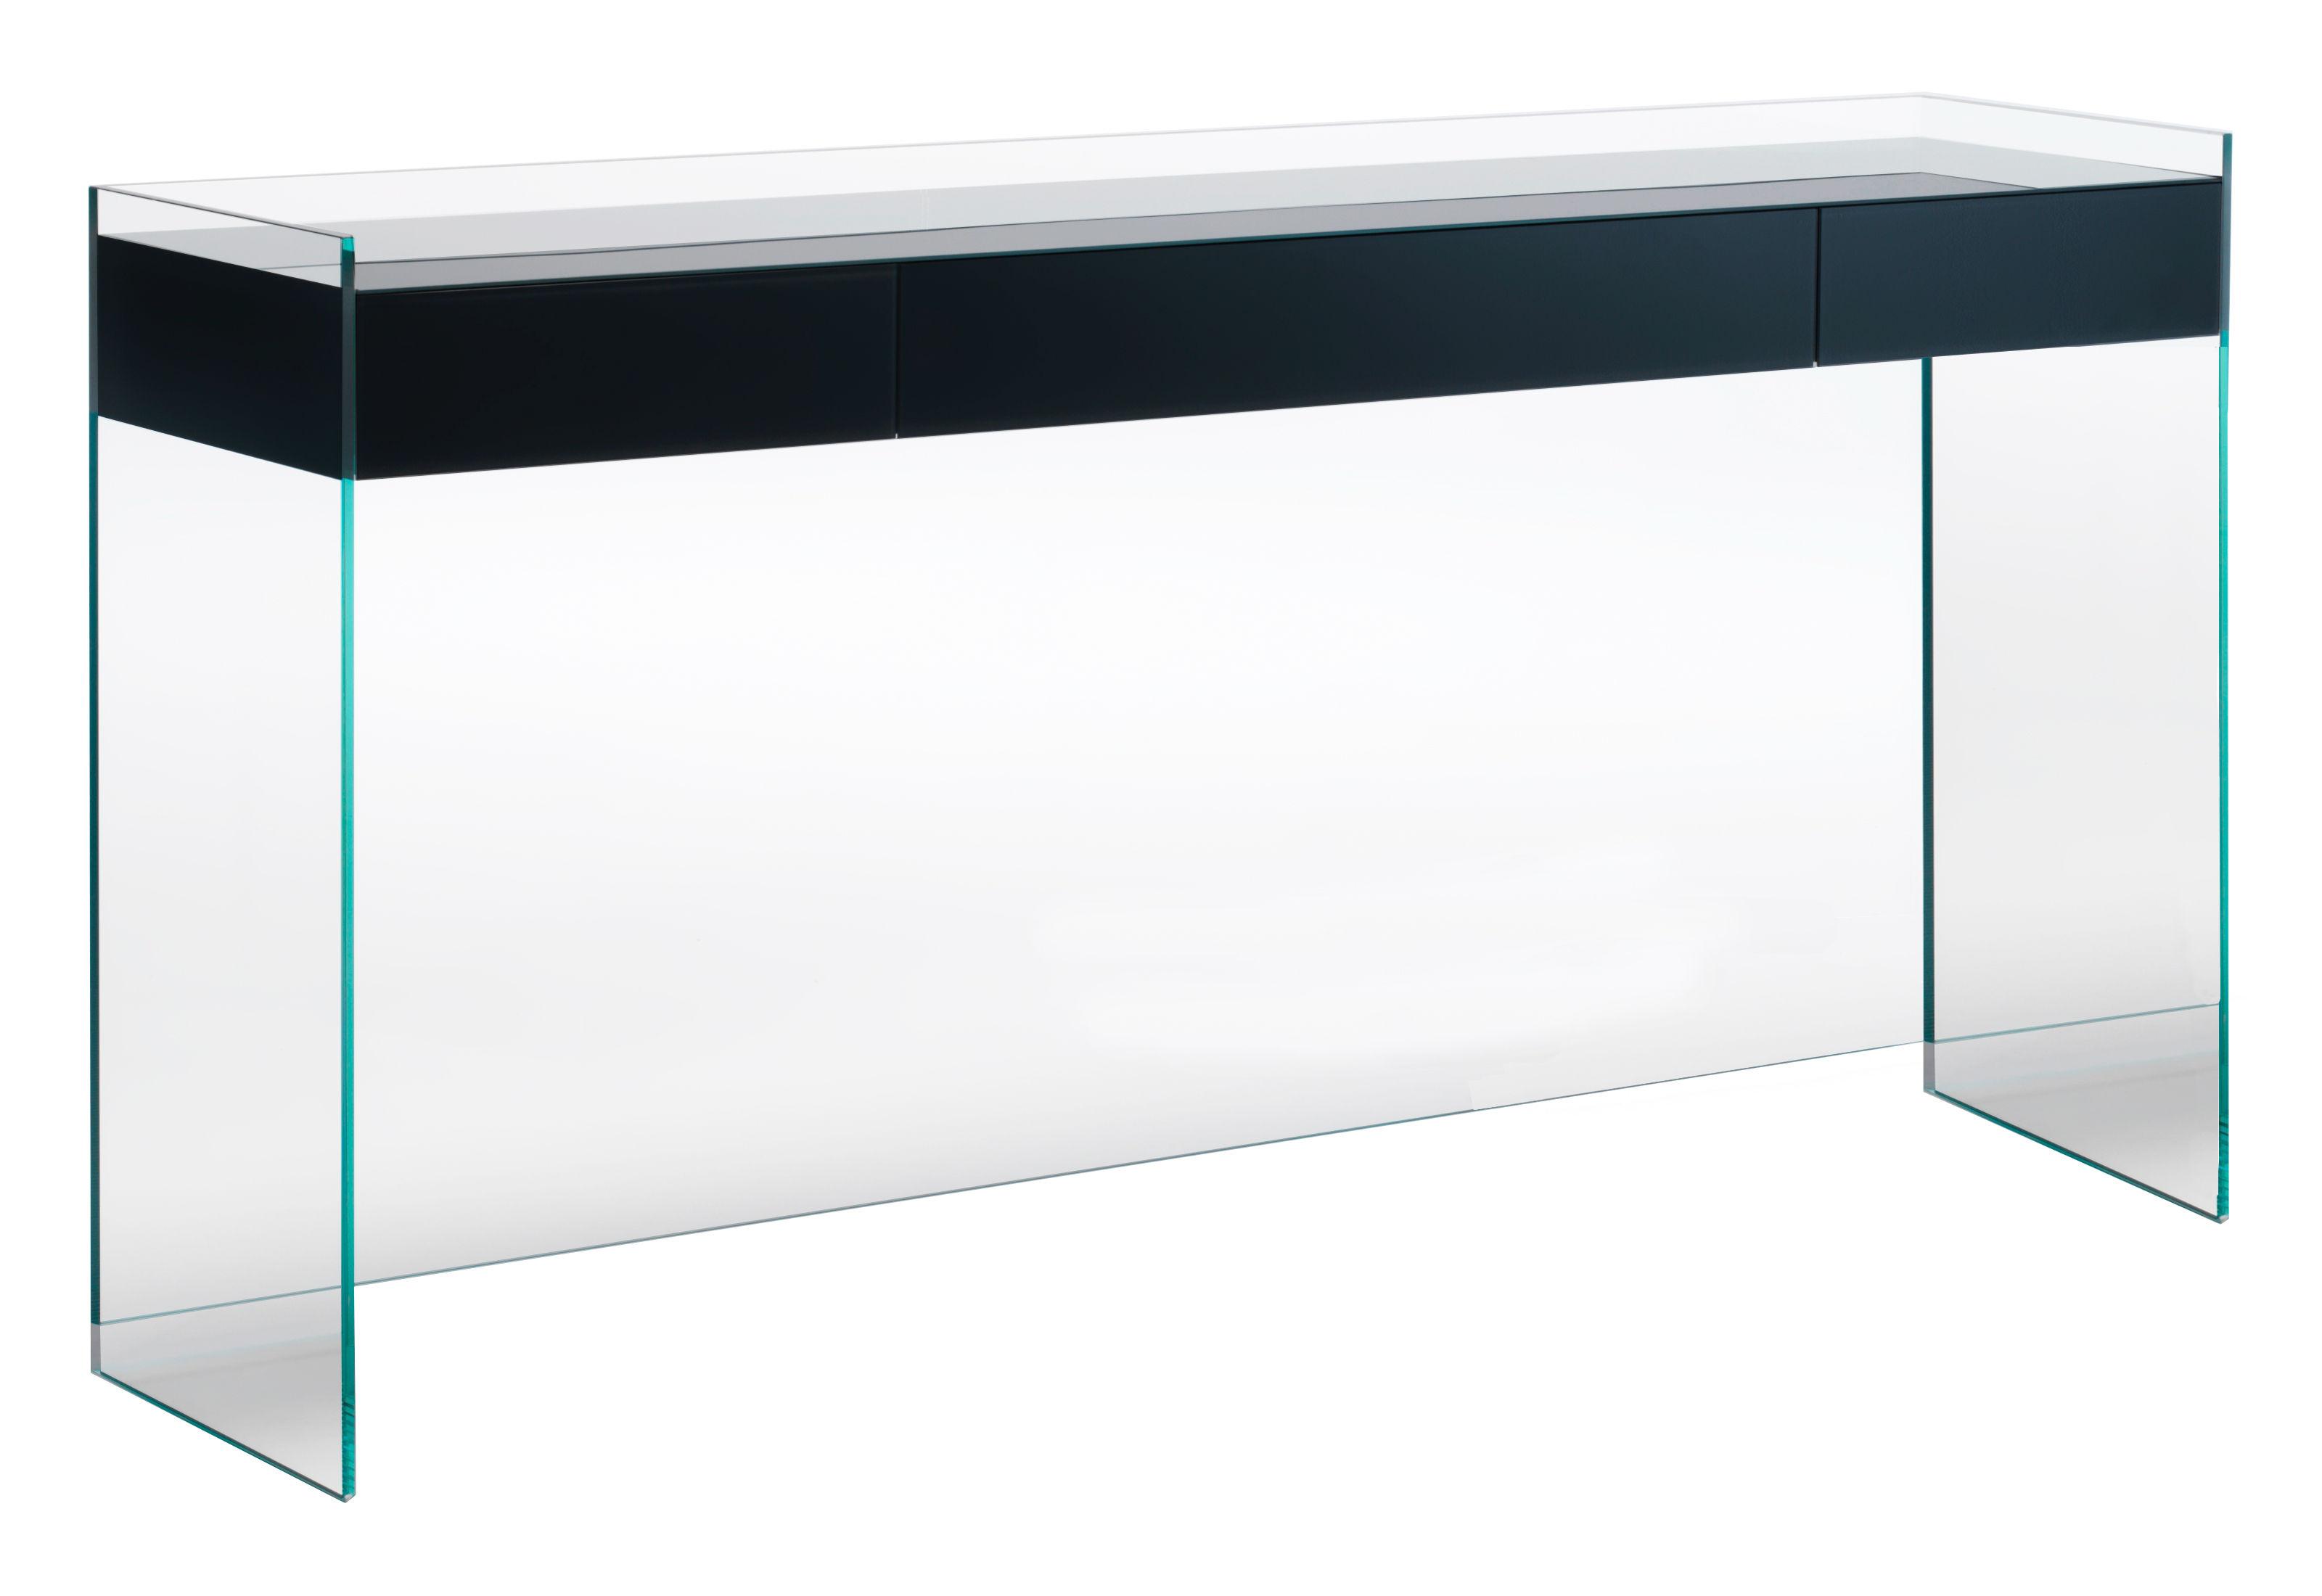 Mobilier - Consoles - Console Float / 3 tiroirs - L 203 x H 90 cm - Glas Italia - Noir - Cristal, Wengé